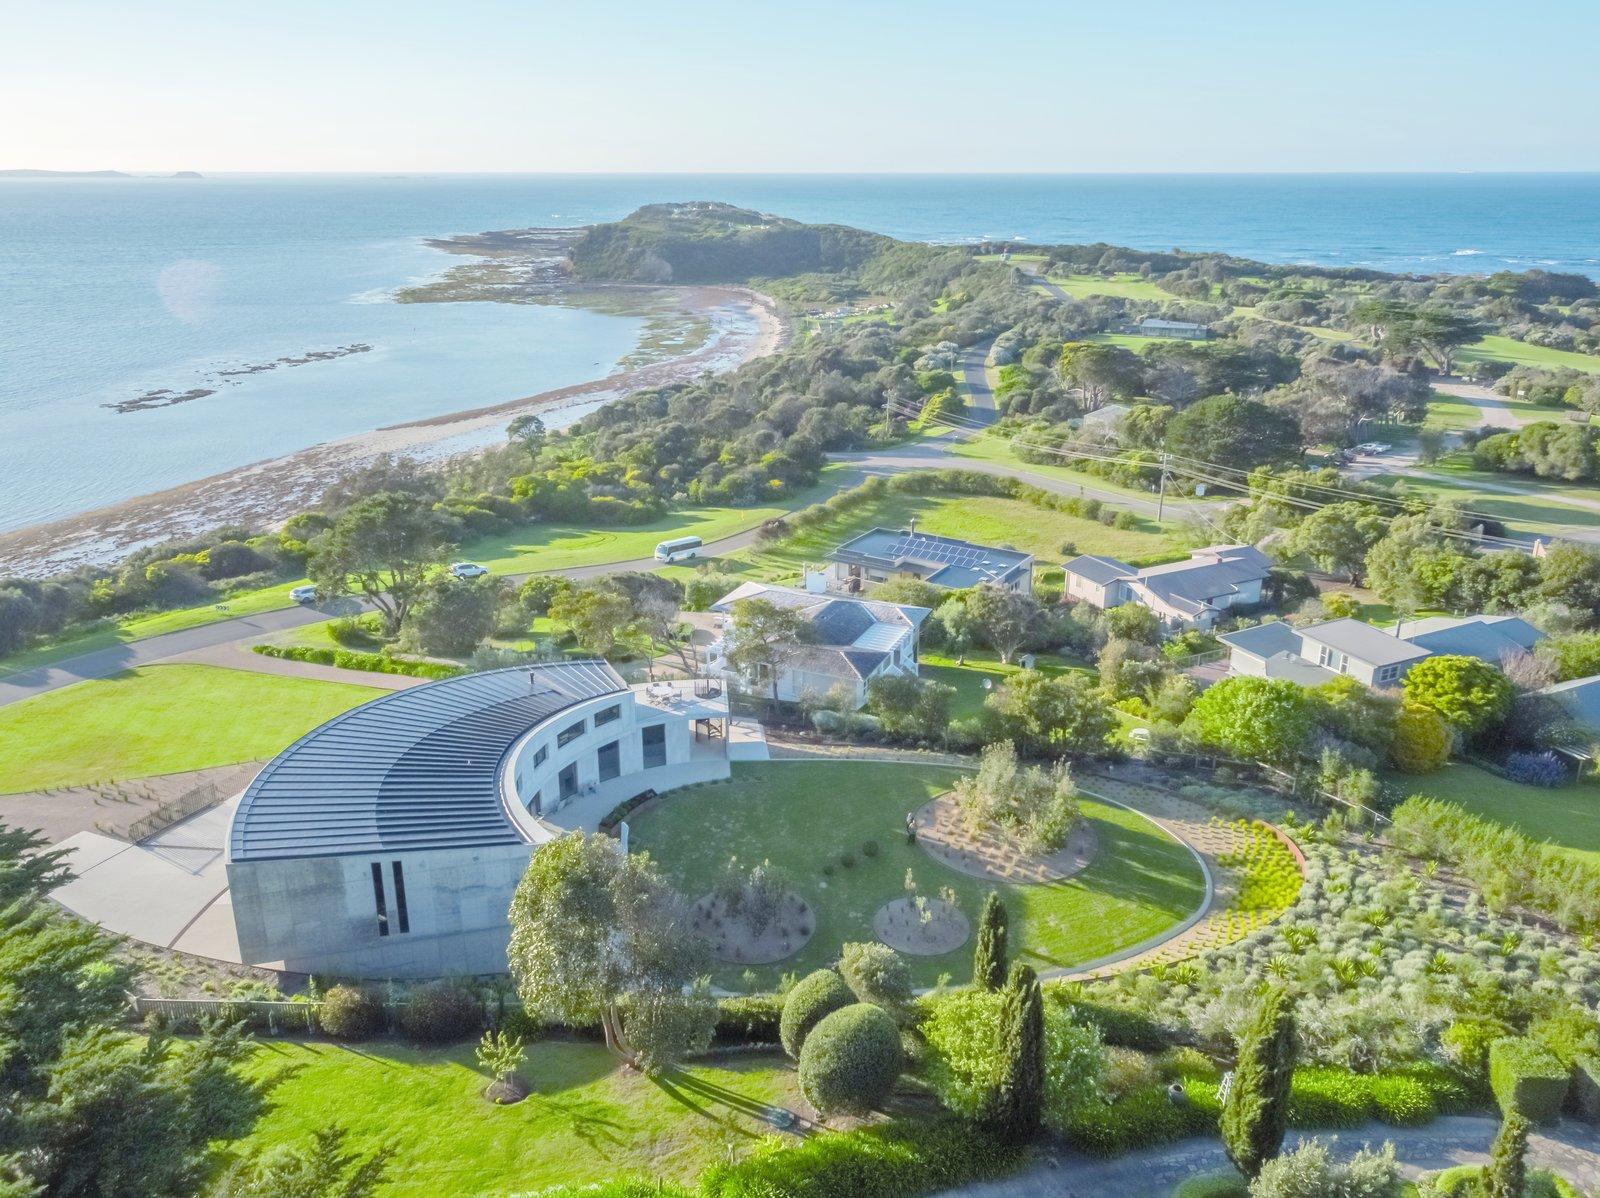 La casa curva sulla costa Australiana